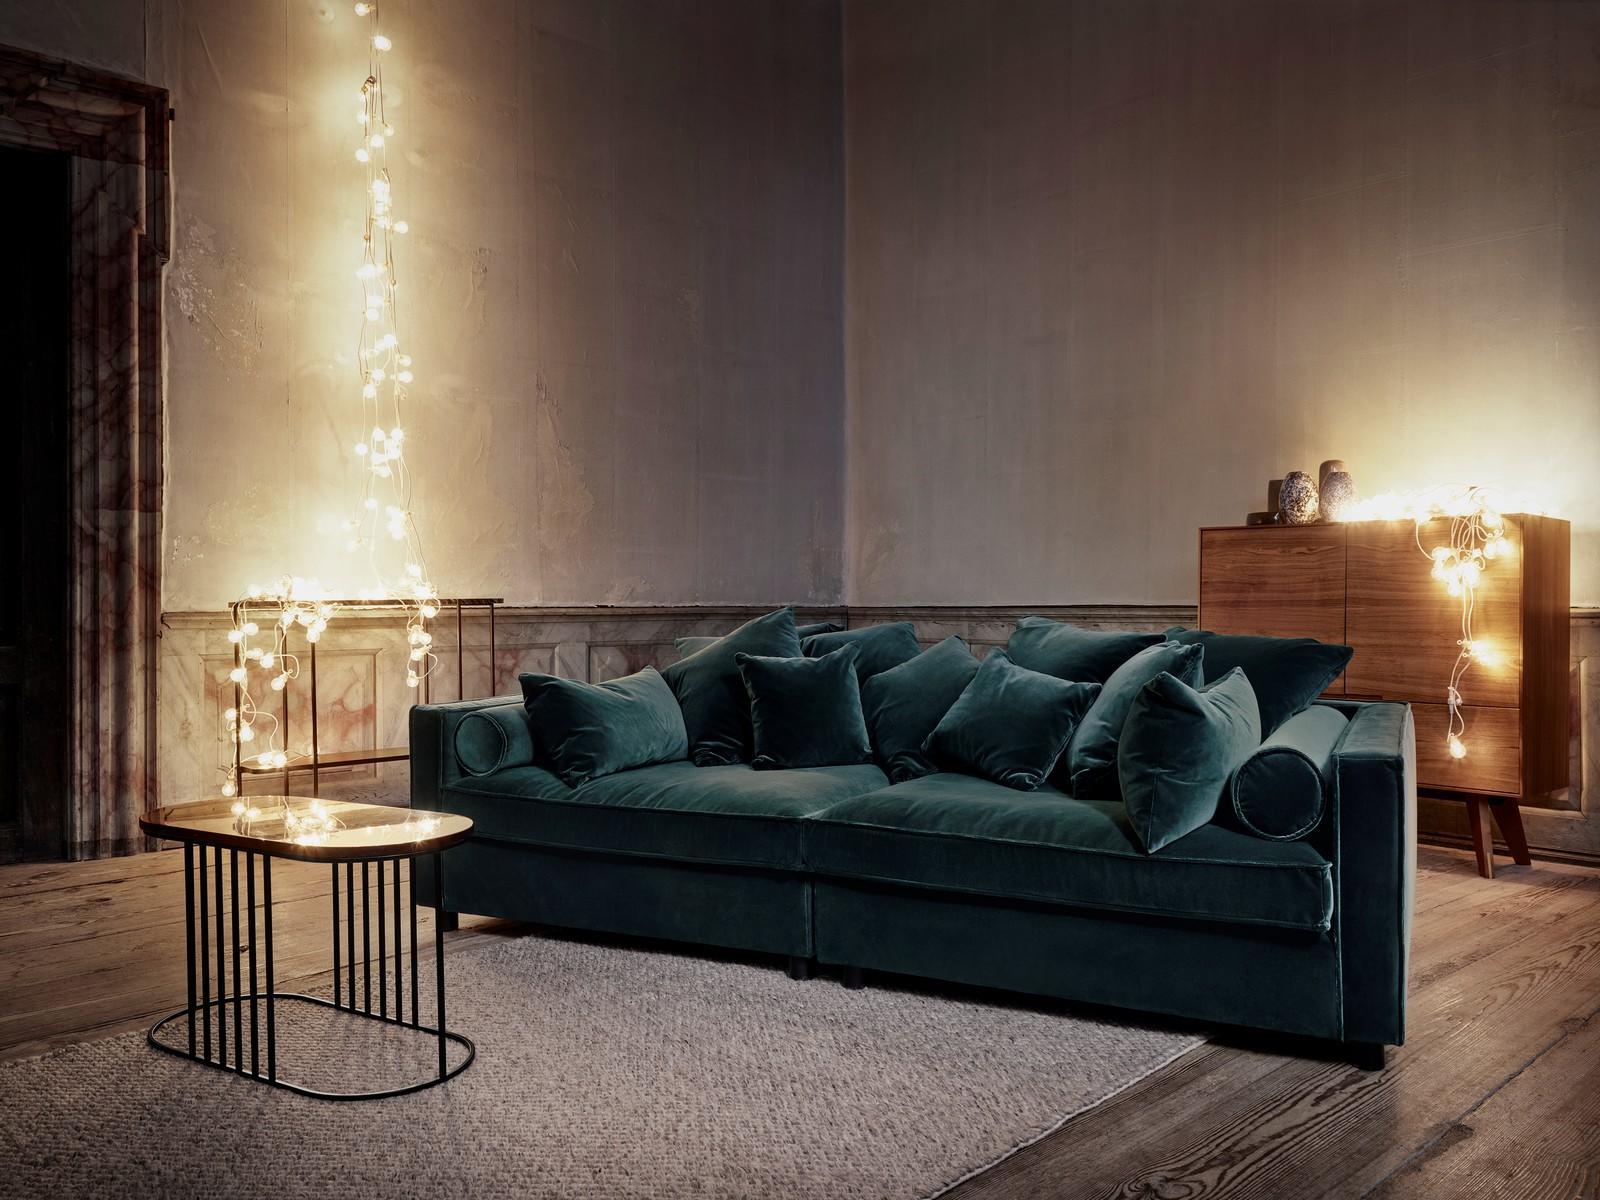 Mr Big 2 Units Sofa